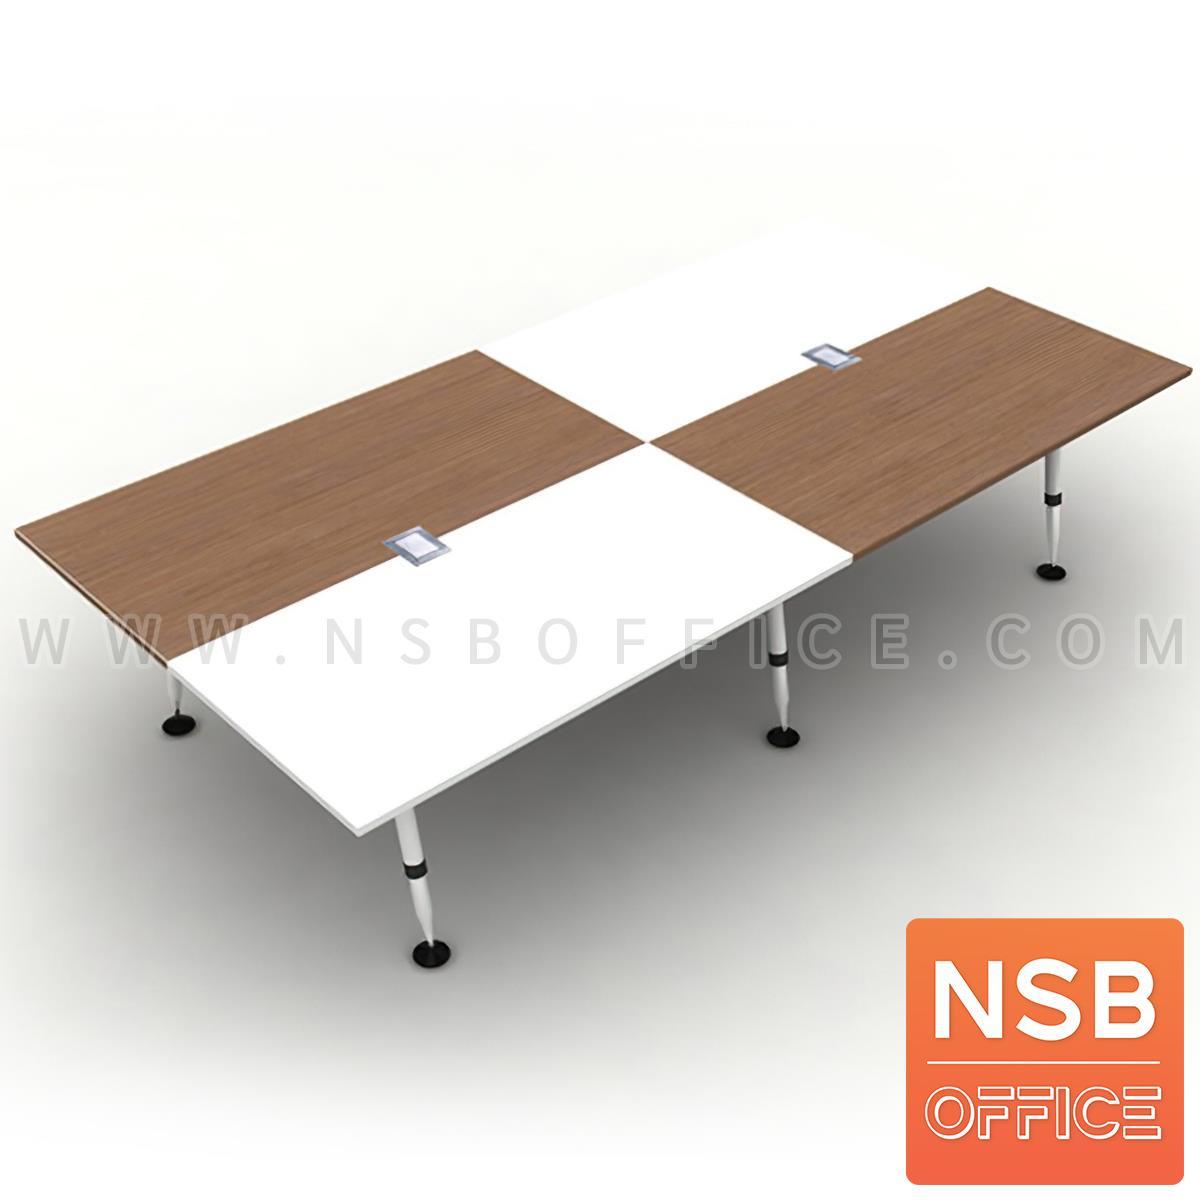 A22A007:โต๊ะประชุมทรงสี่เหลี่ยม 12 ที่นั่ง  รุ่น Panax (พาแน็กซ์) ขนาด 320W cm. พร้อมฝาเปิดปิดปลั๊กไฟบนโต๊ะ ขาเหล็ก